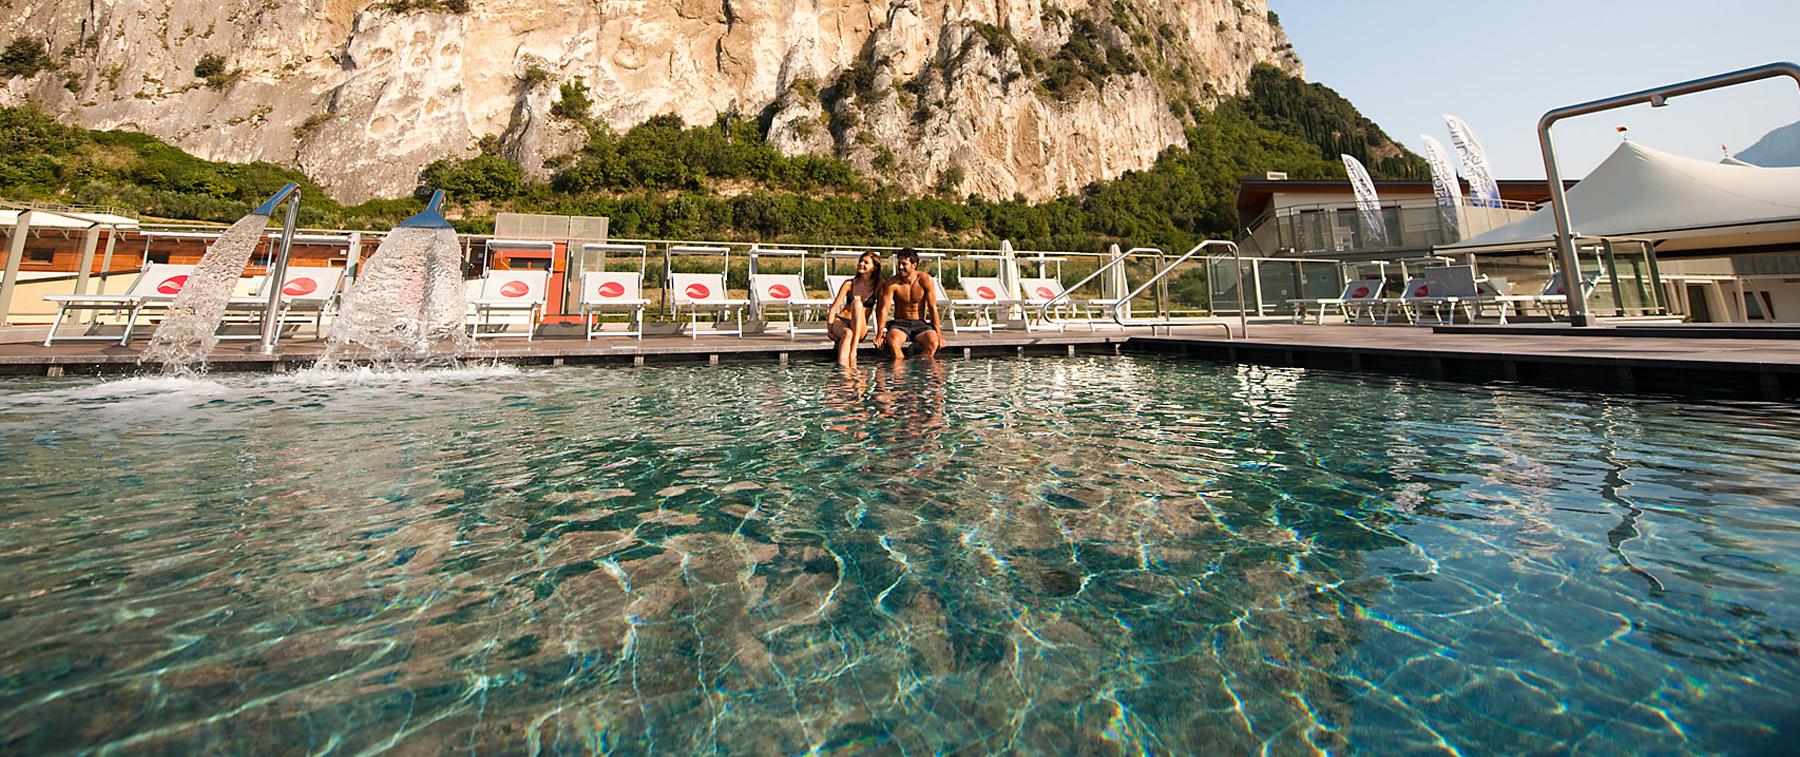 Centro wellness ad arco in trentino con piscina salina esterna e idromassaggio garda thermae - Hotel con piscine termali trentino ...